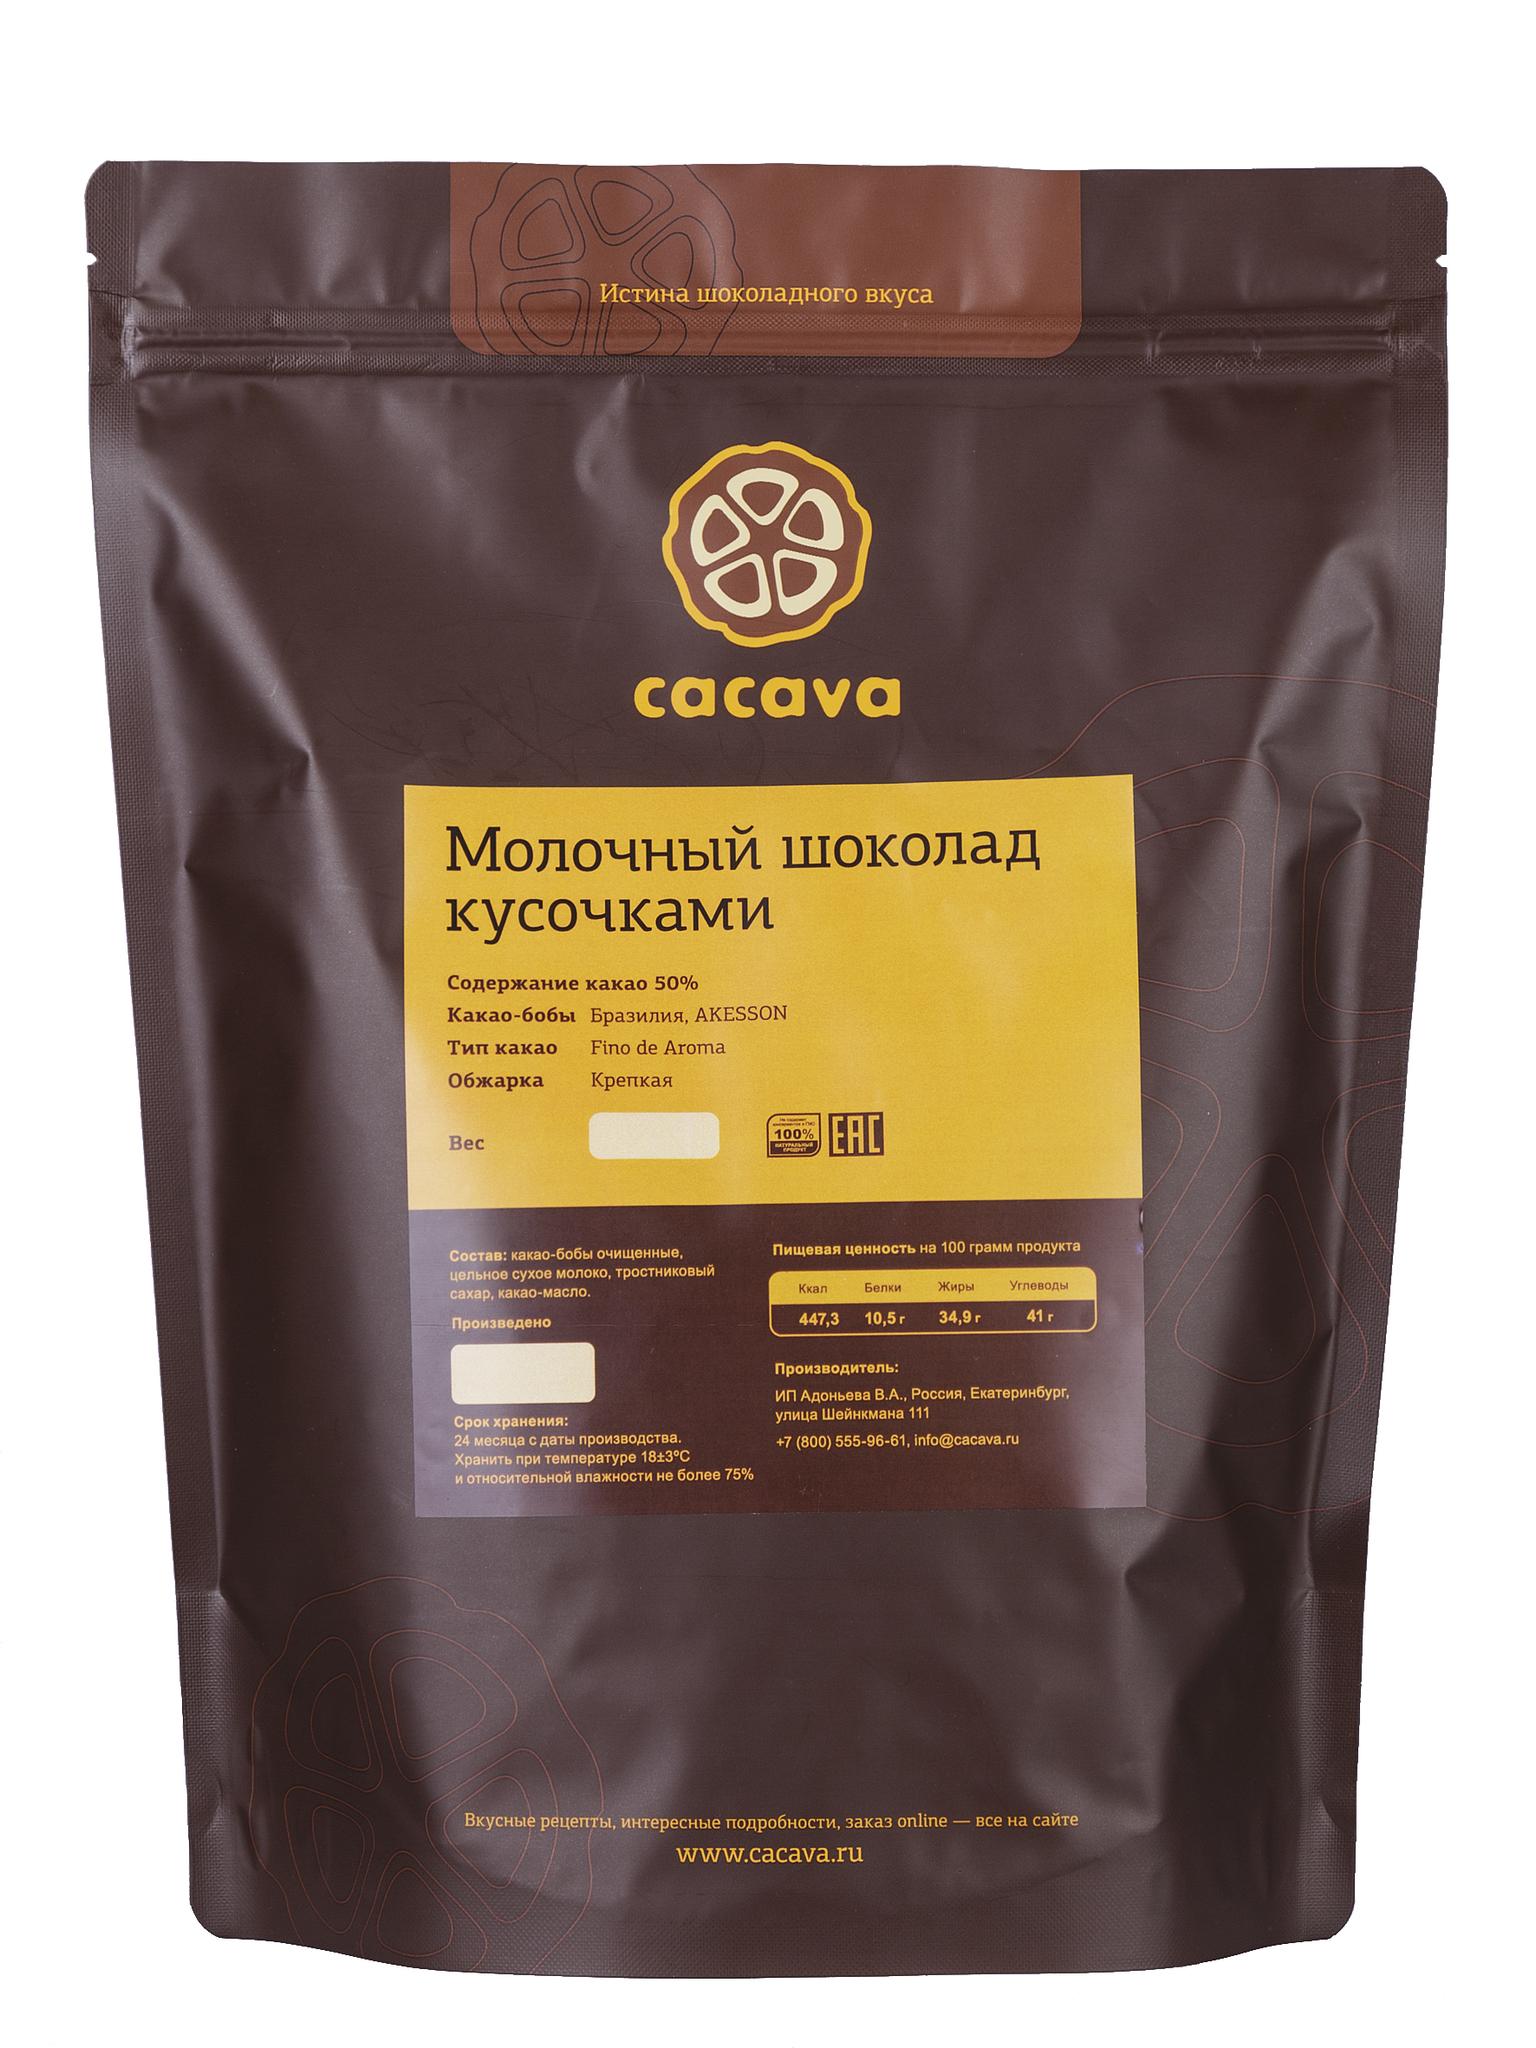 Молочный шоколад 50 % какао (Бразилия), упаковка 1 и 3 кг